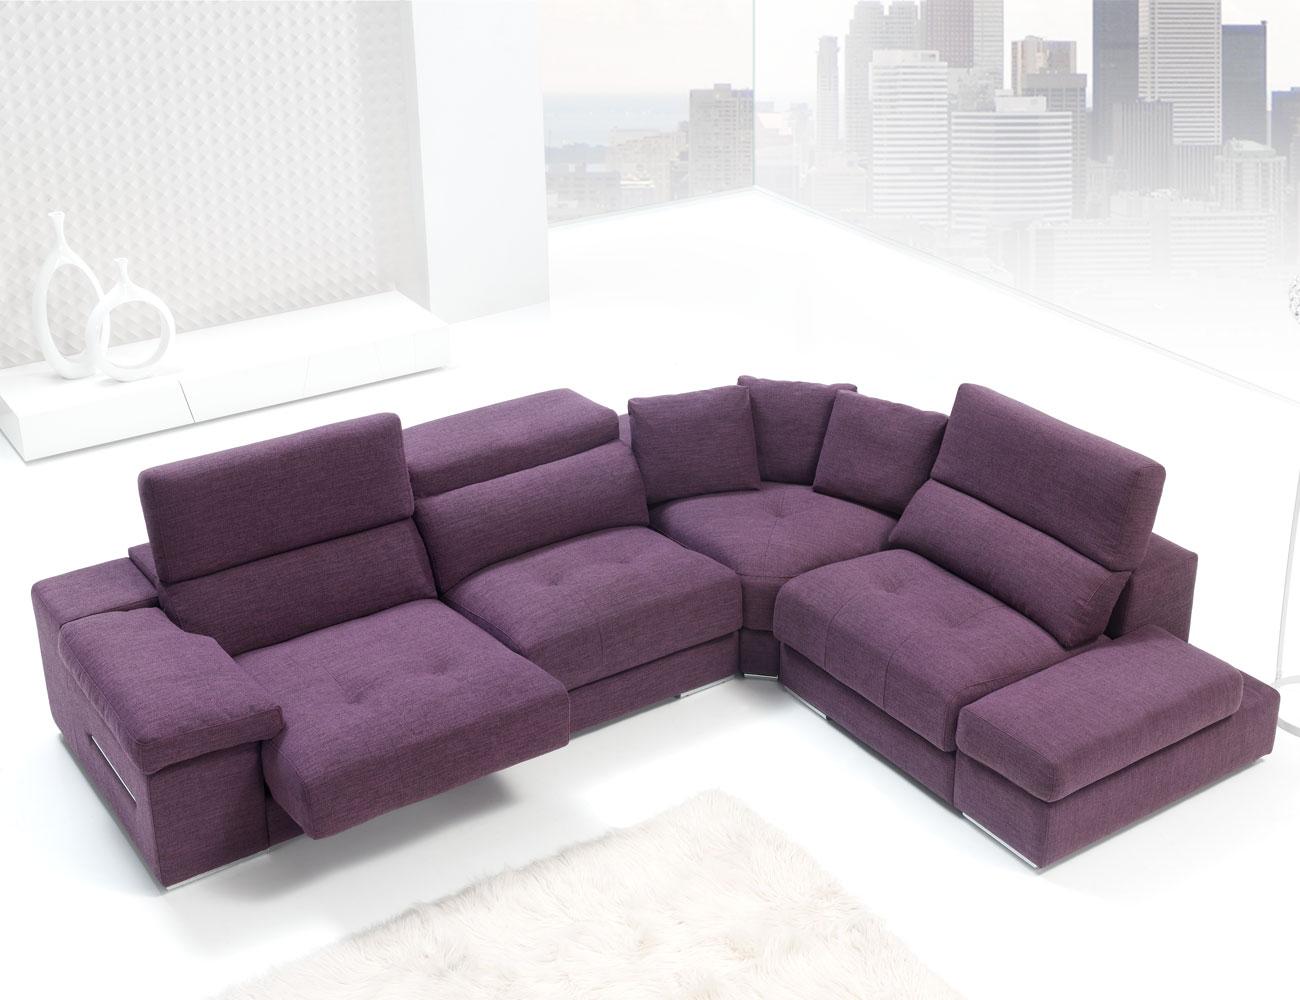 Sofa chaiselongue rincon con brazo mecanico tejido anti manchas 261